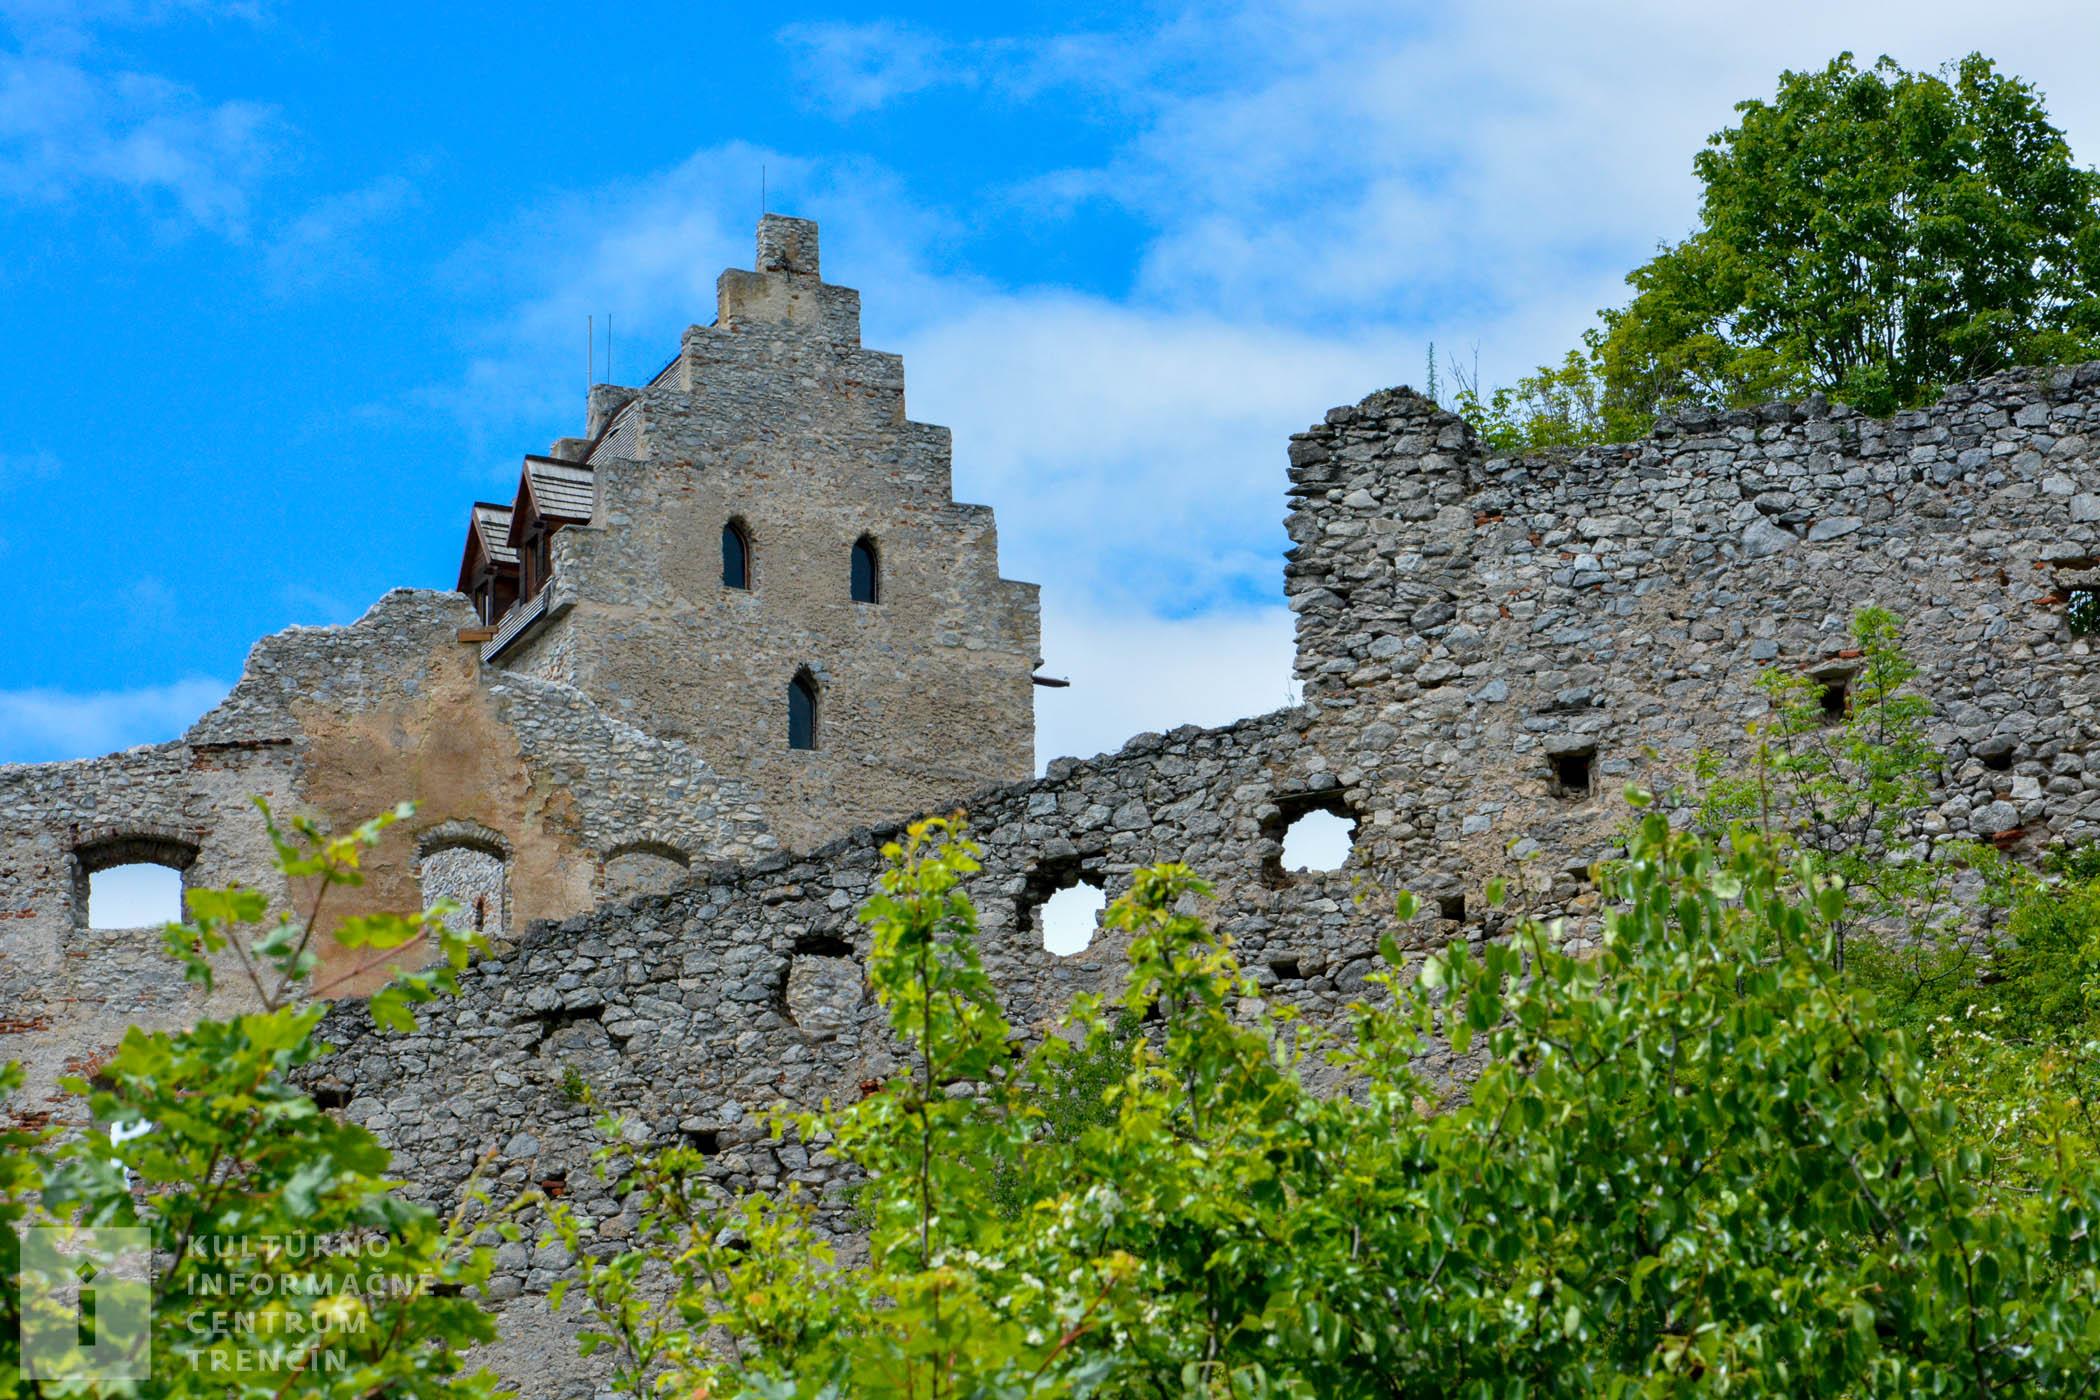 Neďaleko Topoľčianskeho hradu sa nachádza jaskyňa Opálená skala a pozostatky halštadského hradiska na Úhrade.